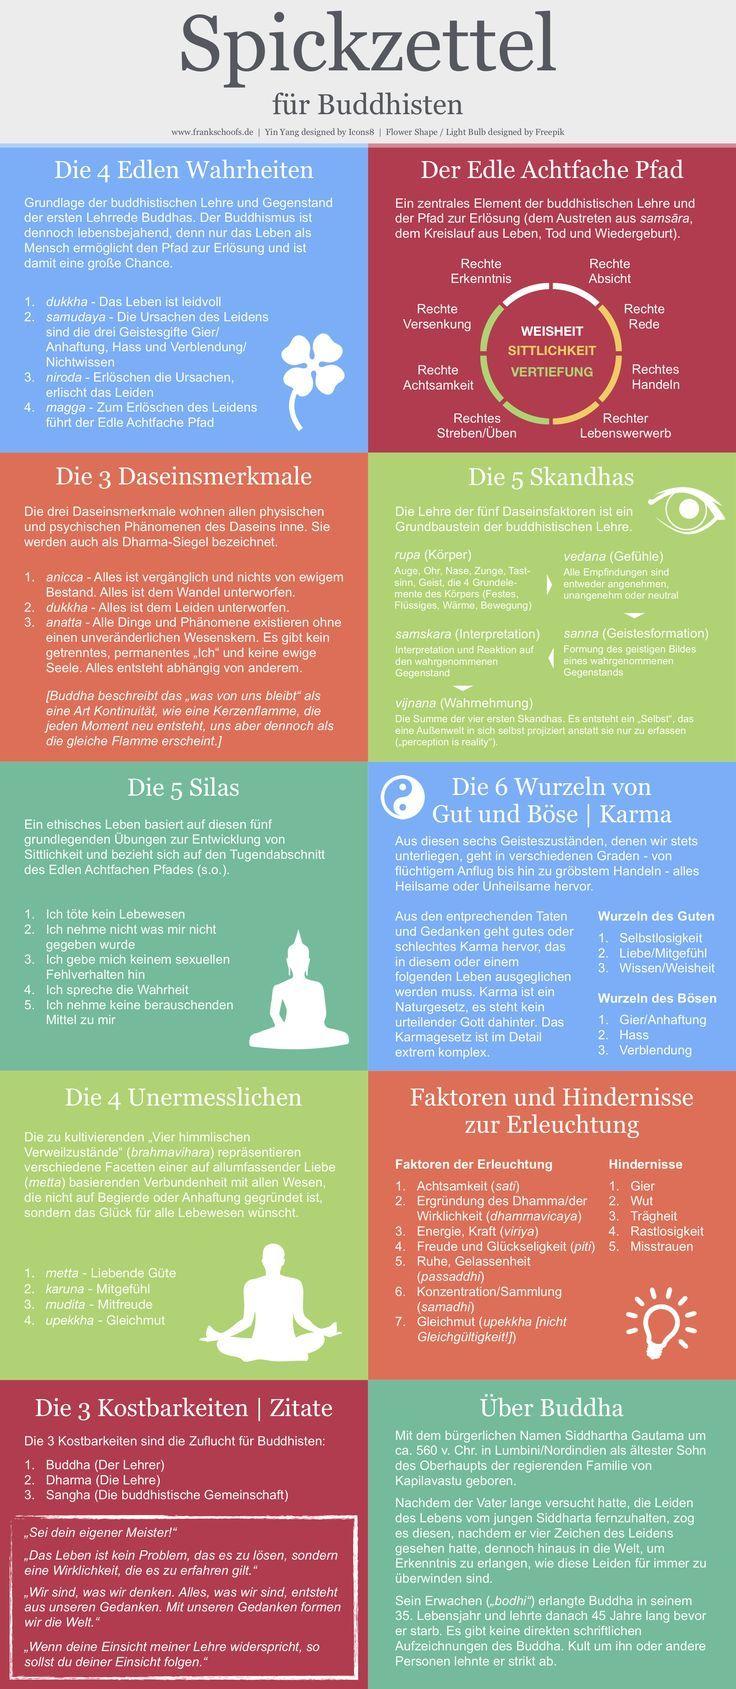 Der Spickzettel Fur Buddhisten Die Wichtigsten Begriffe Des Buddhismus Auf Ein Lebensweisheiten Lustigesprucheneu Schonespruche Spruchelustigwitzi Fuir